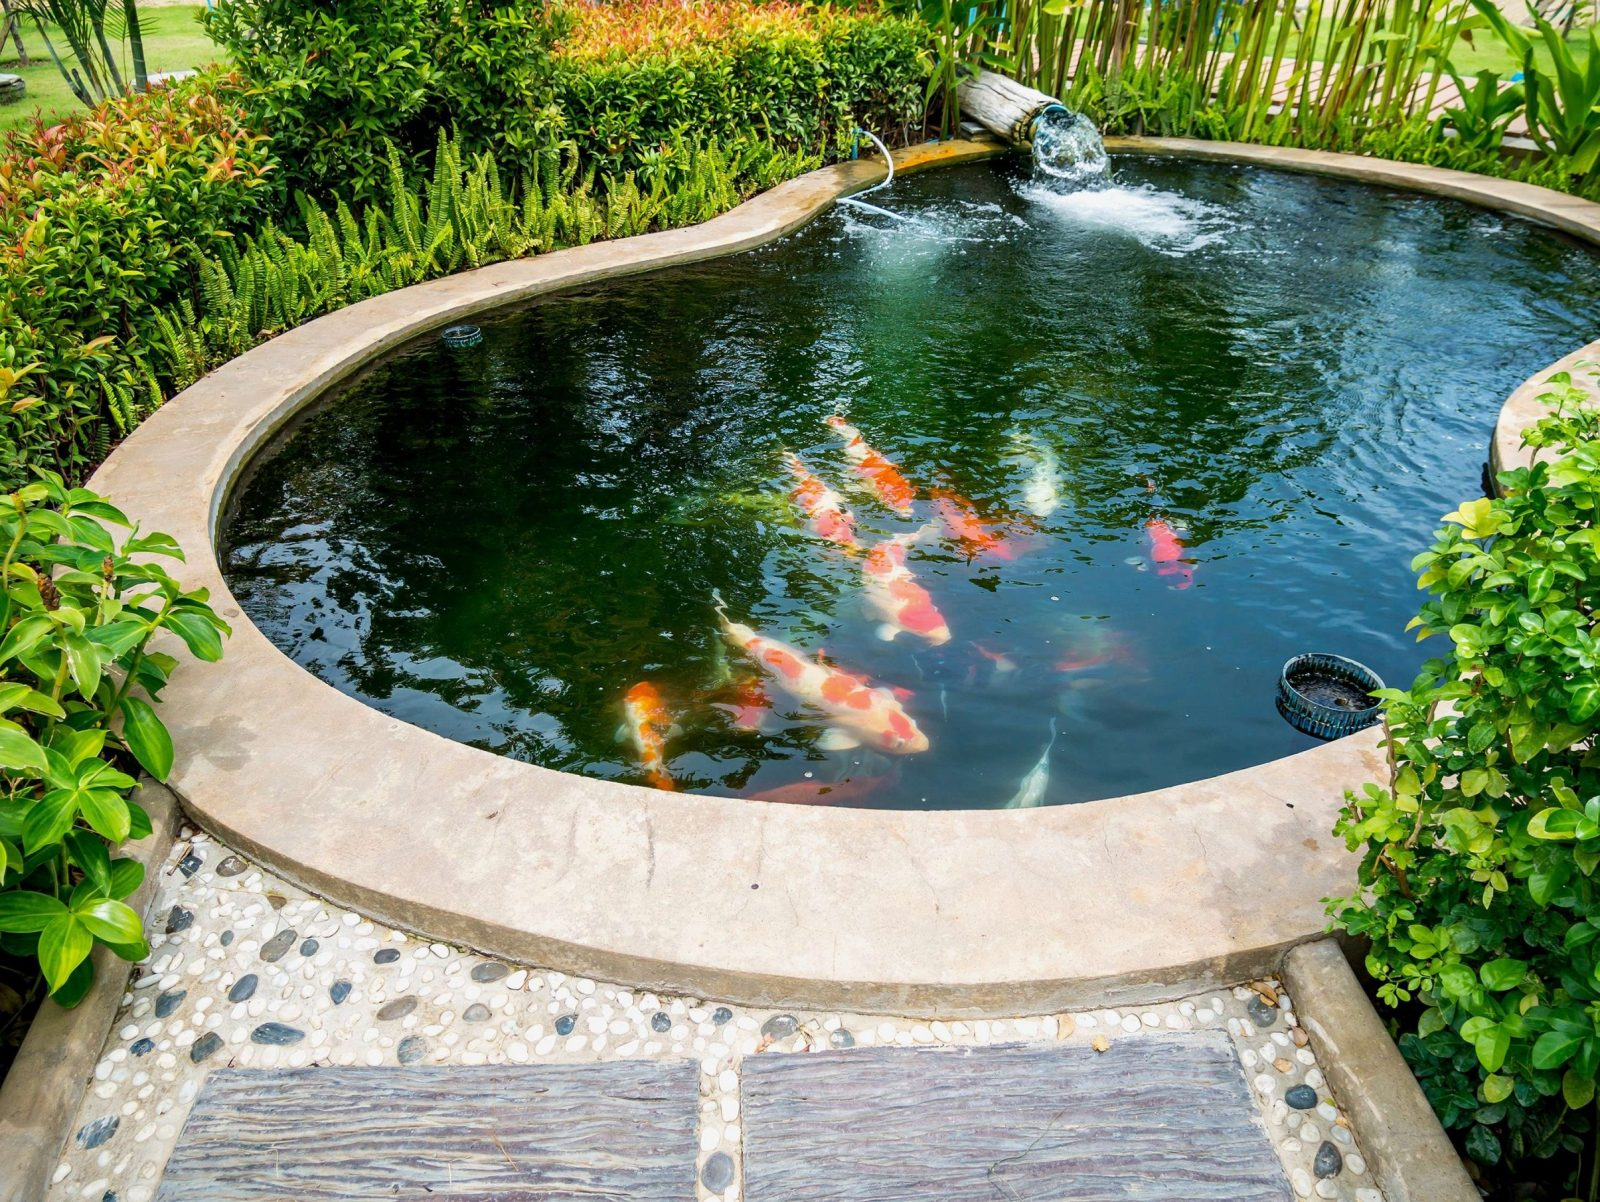 42 Elegant Wasserfall Teich Selber Bauen Galerie  Komplette Ideen von Wasserfall Gartenteich Selber Bauen Photo